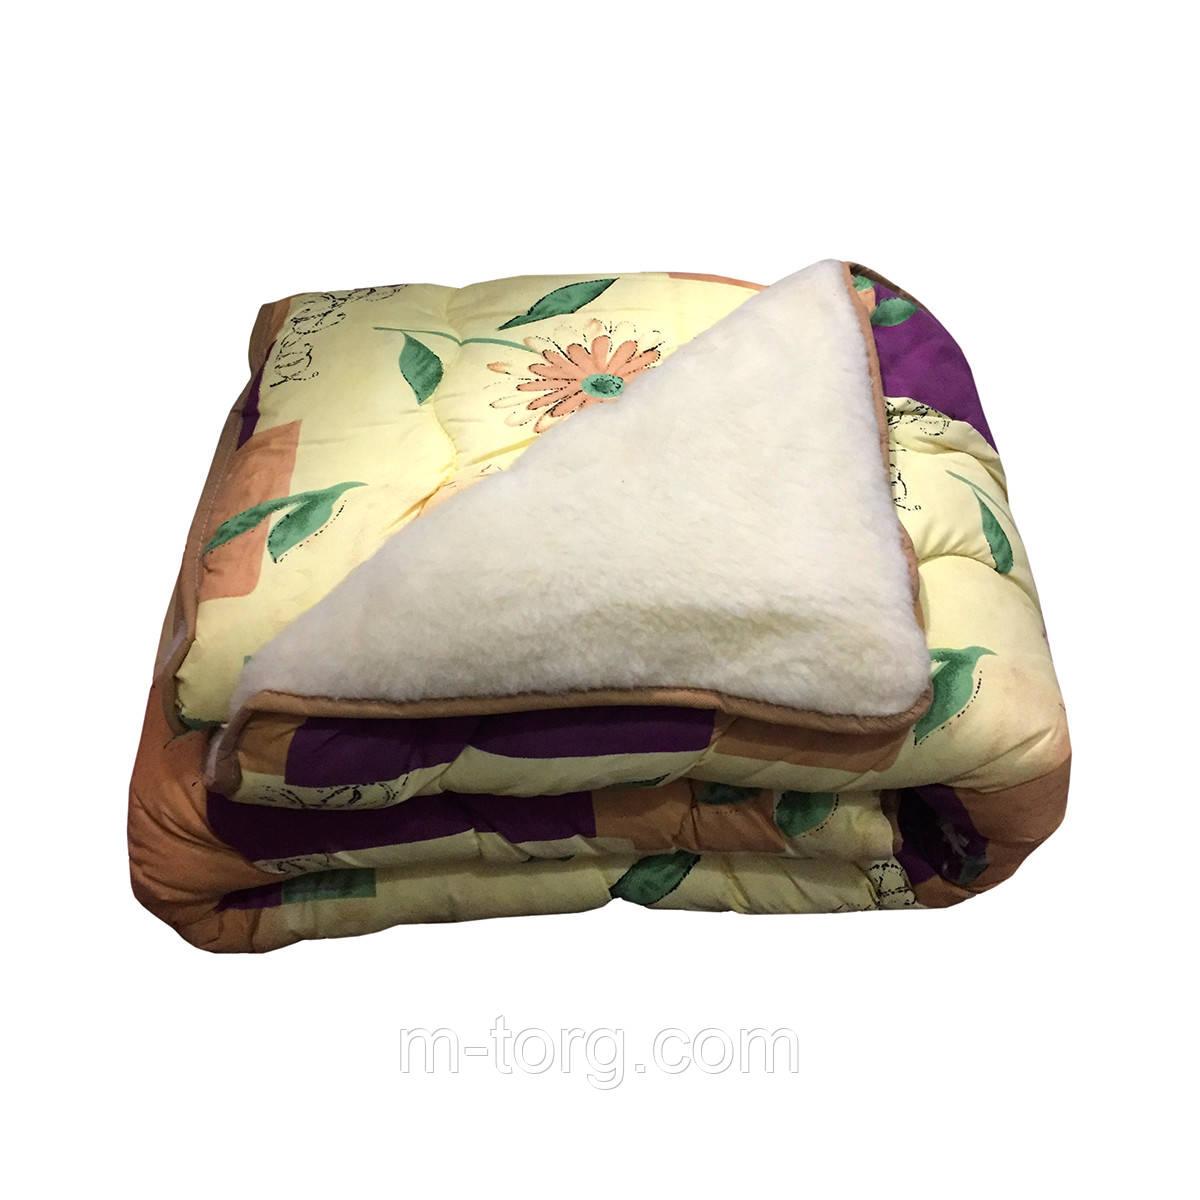 Одеяло полушерсть двуспальное 175/215,ткань поликотон